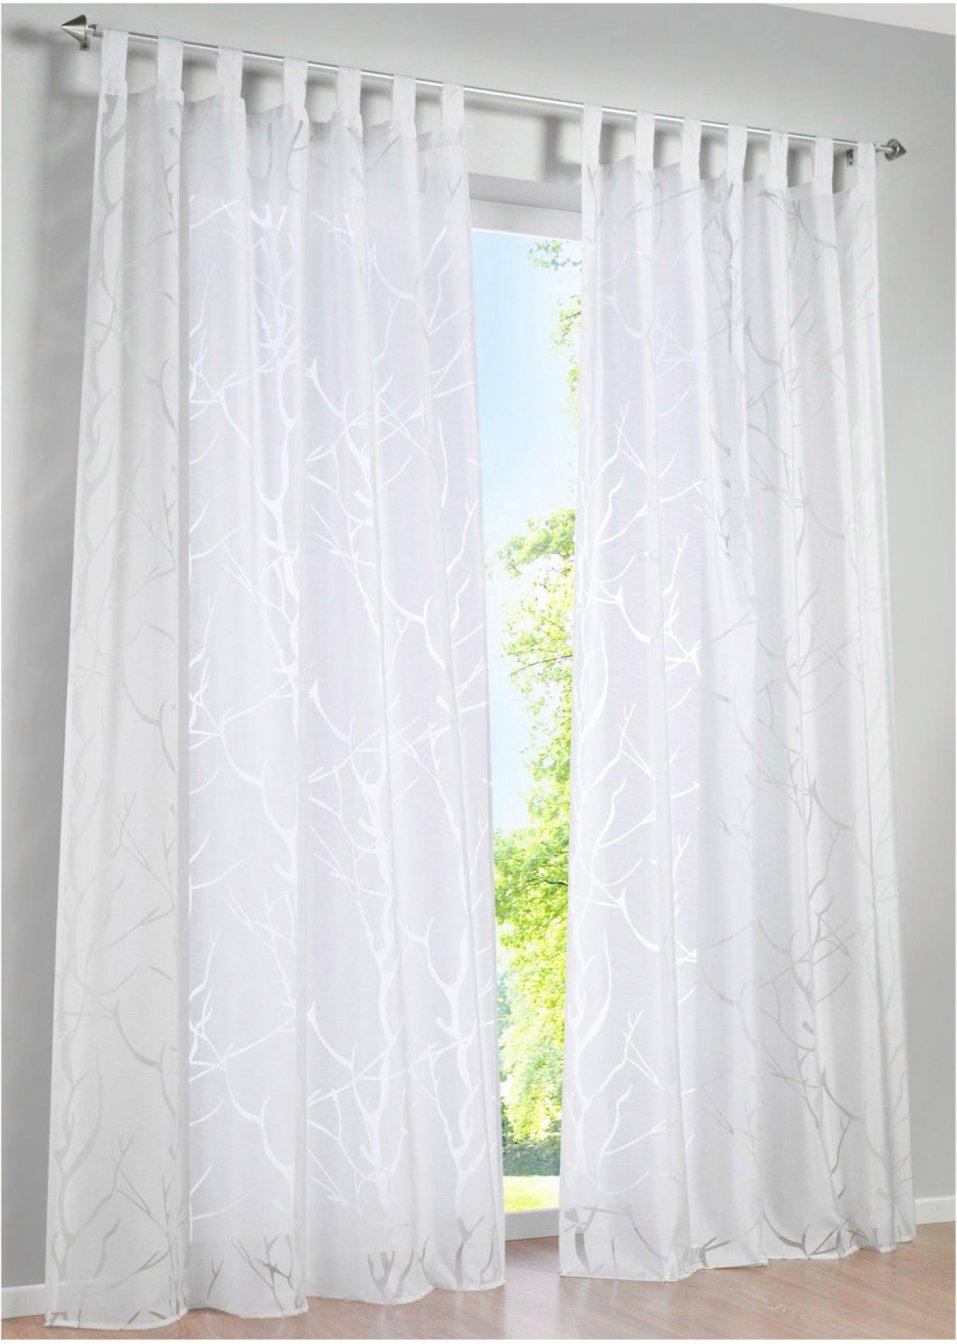 Full Size of Bon Prix Vorhänge Hochwertige Fensterdekoration In Modernem Design Wei Wohnzimmer Küche Bonprix Betten Schlafzimmer Wohnzimmer Bon Prix Vorhänge